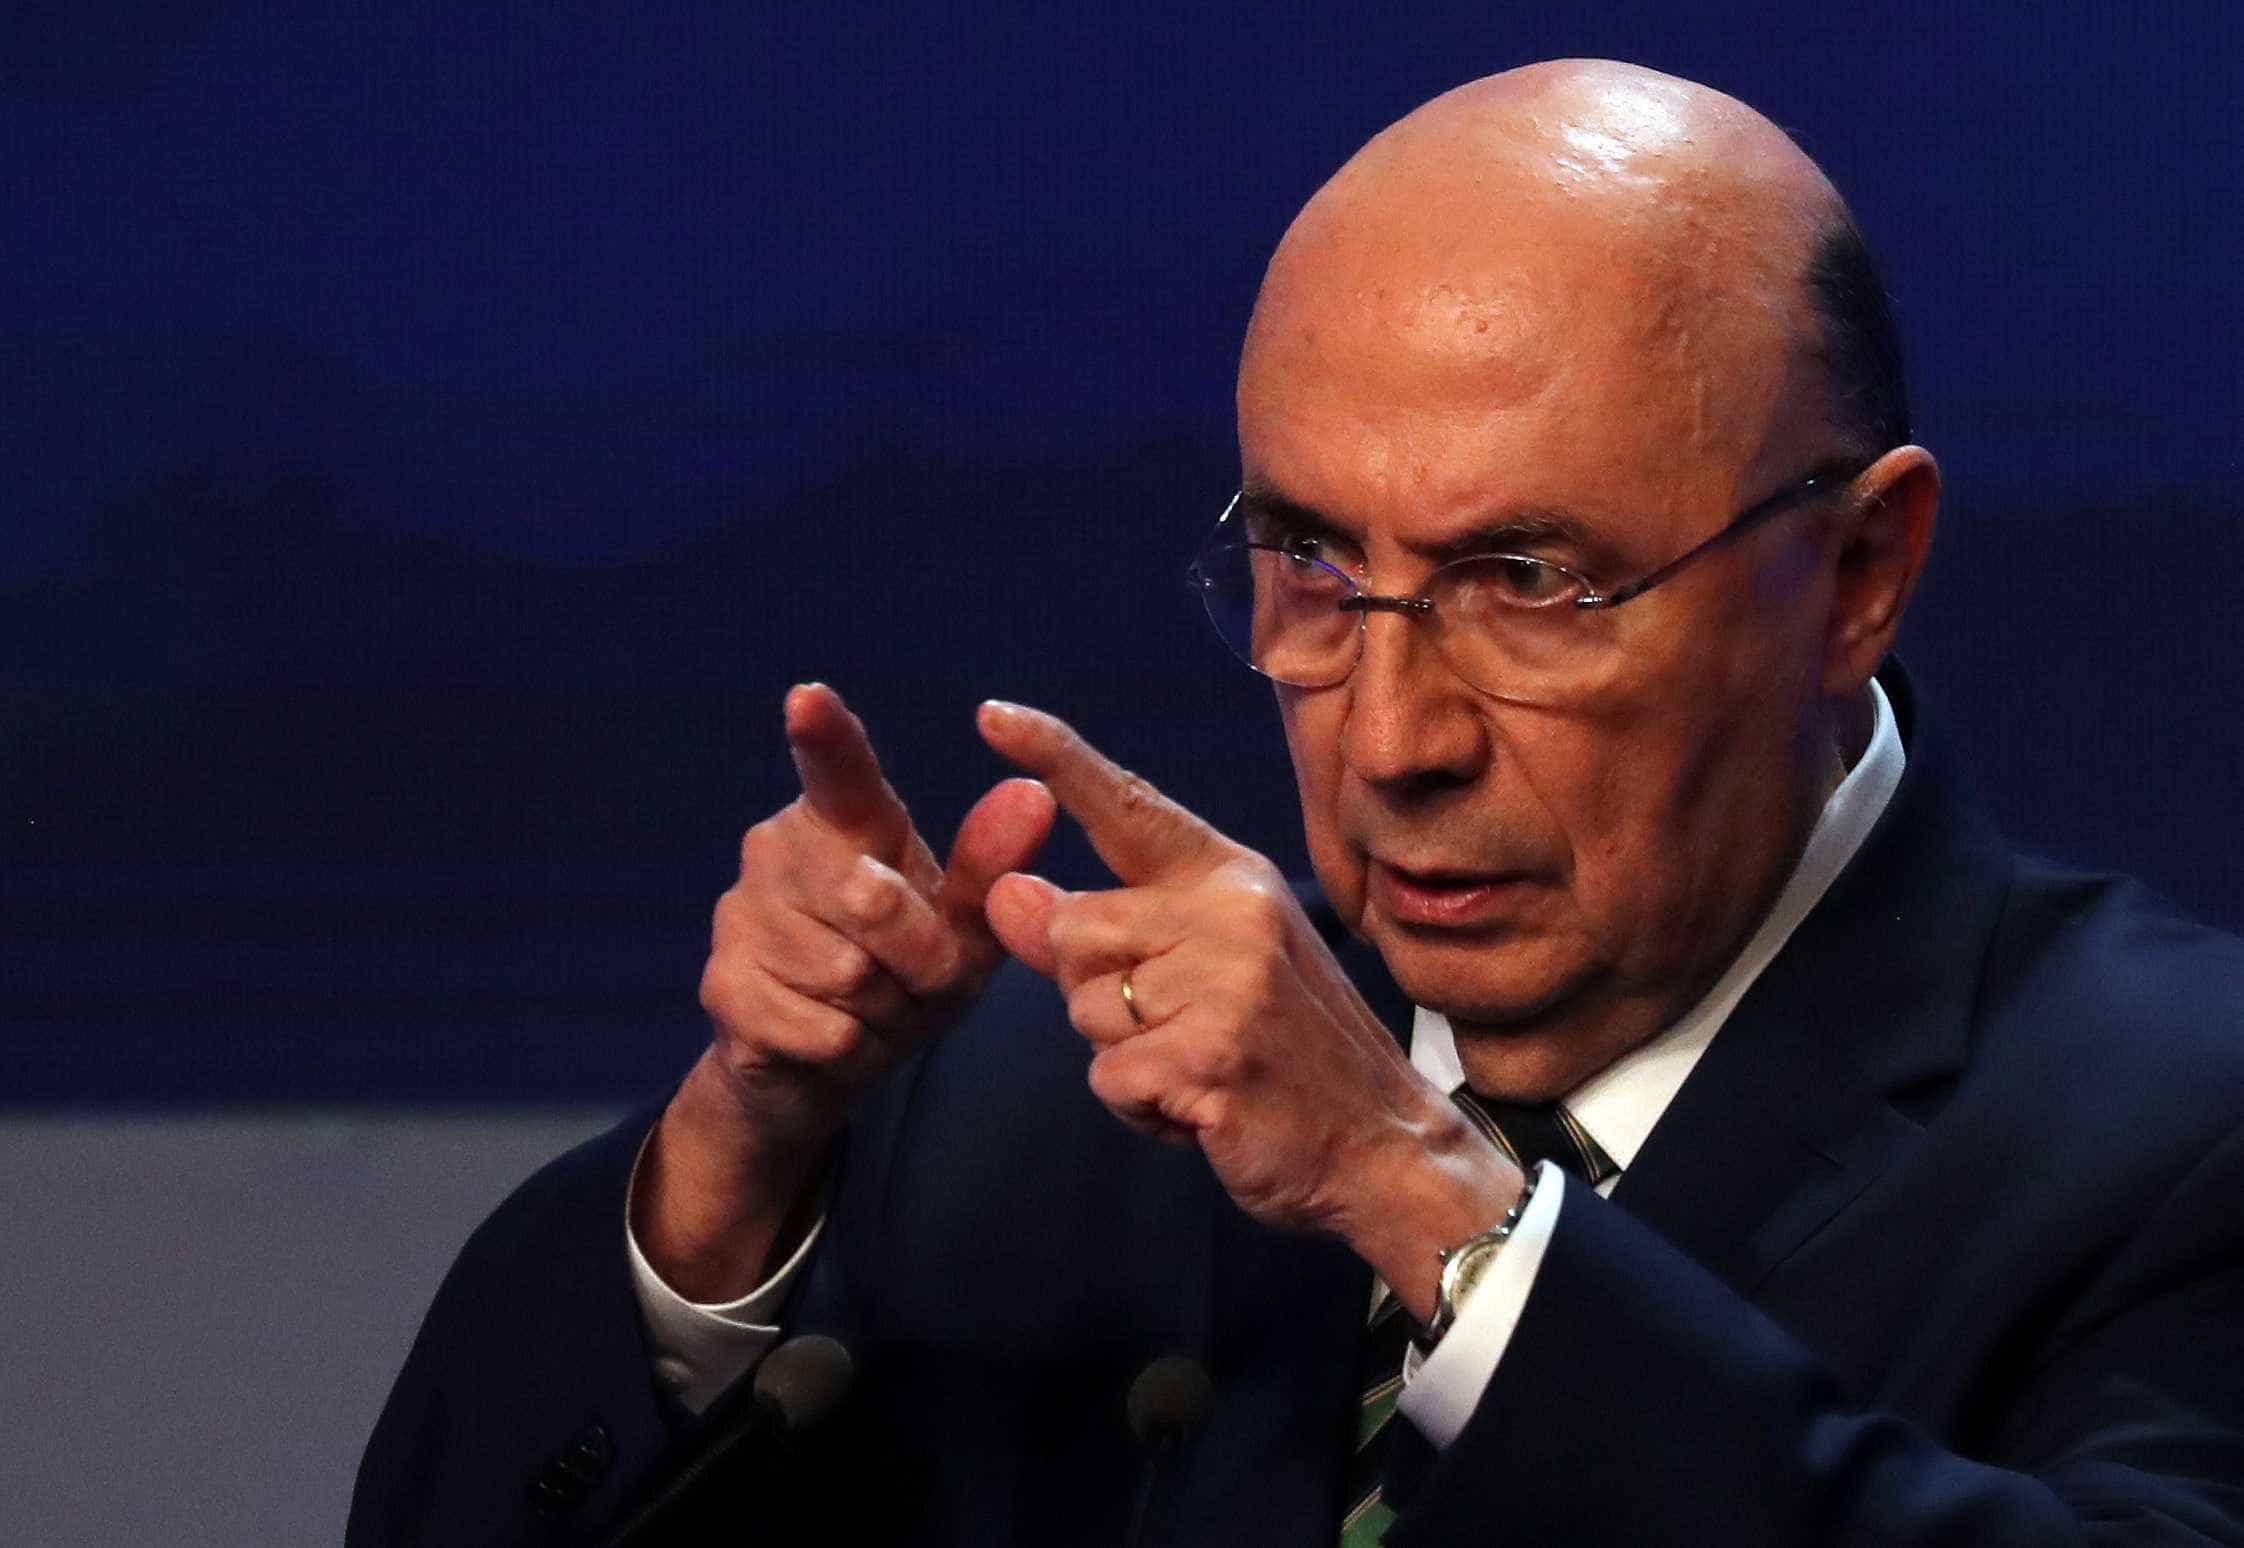 Privatização da Sabesp pode render ao menos R$ 10 bi, diz Meirelles